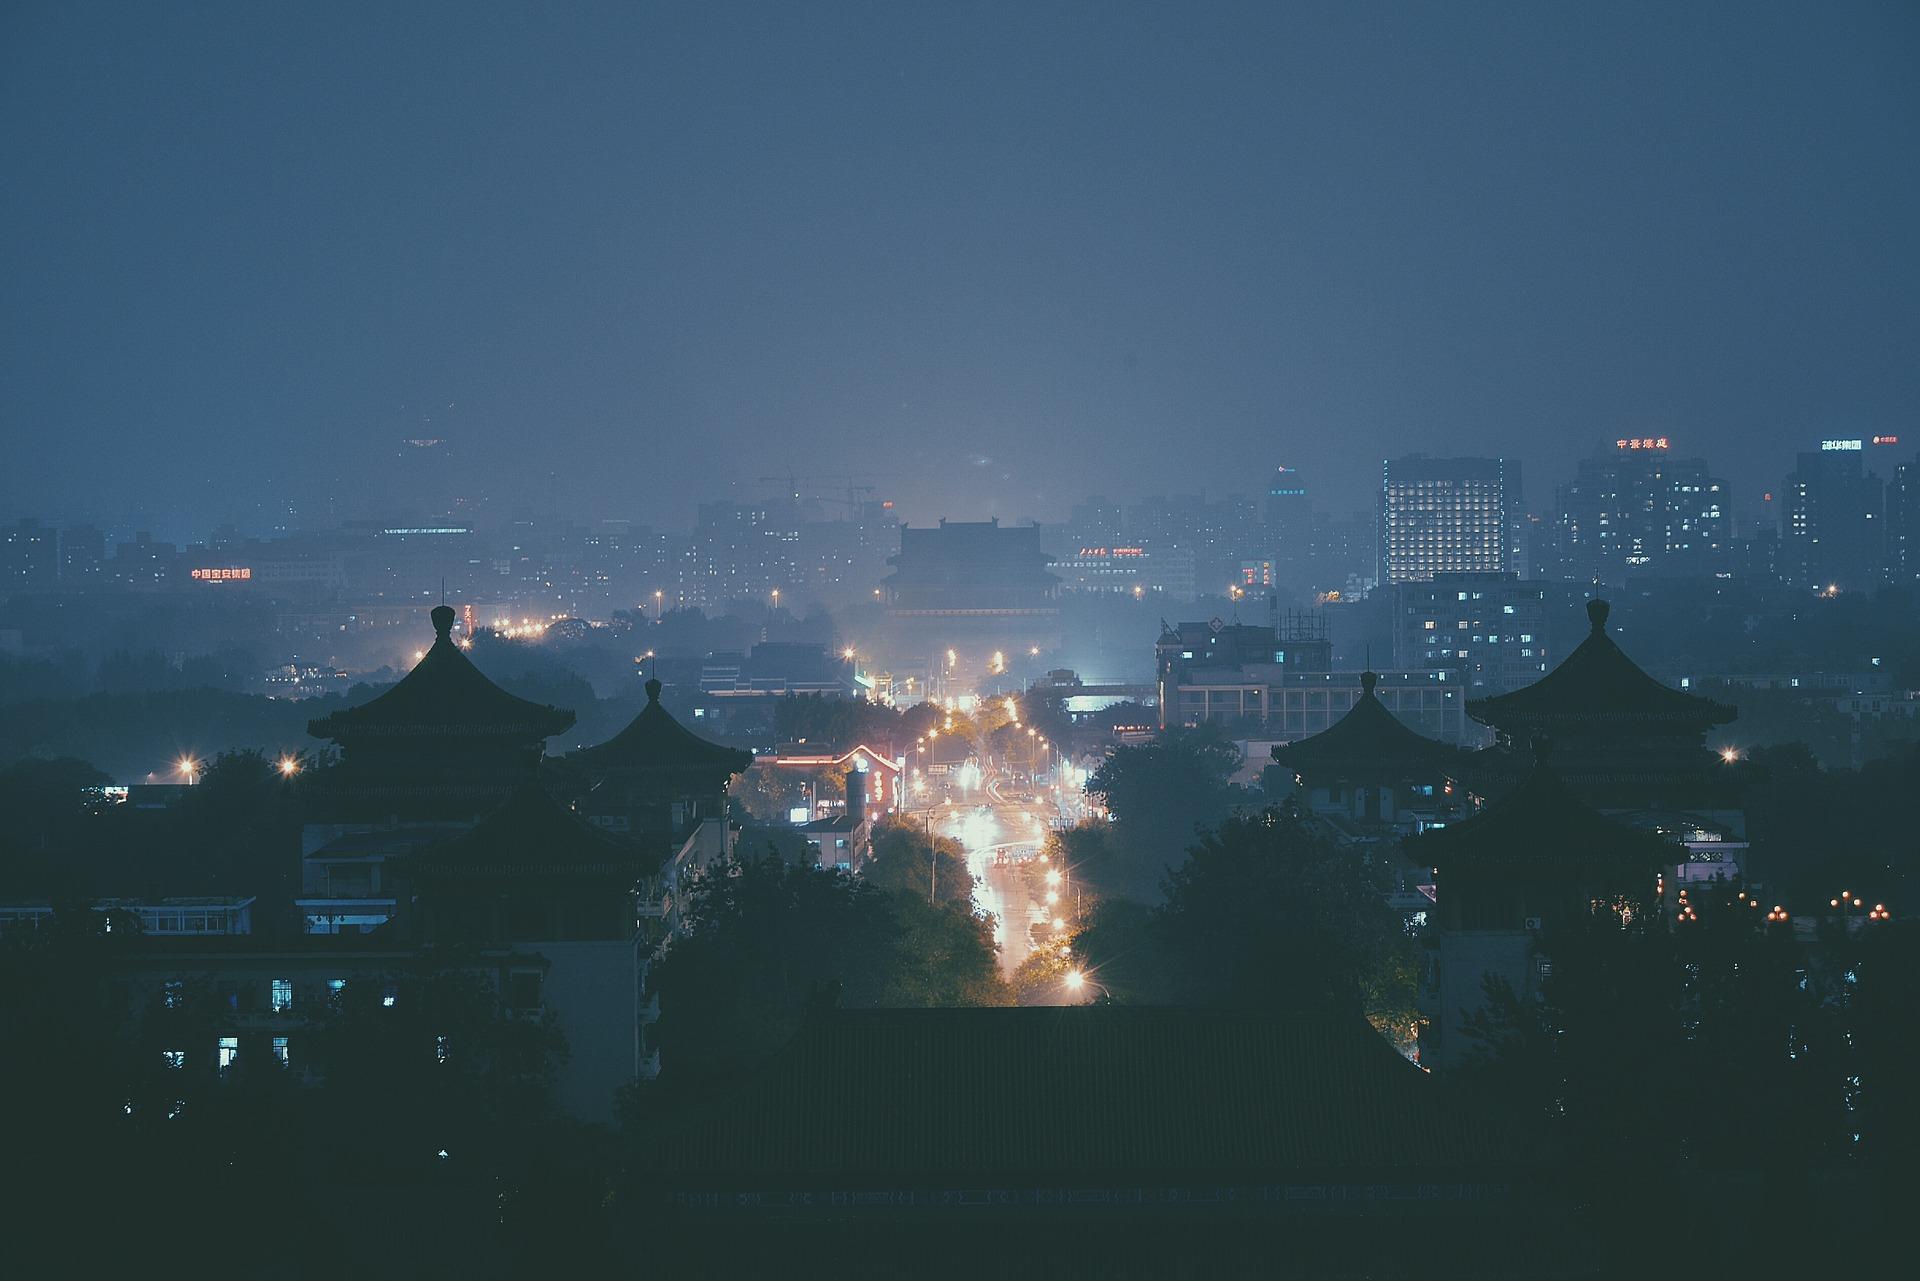 night-821494_1920